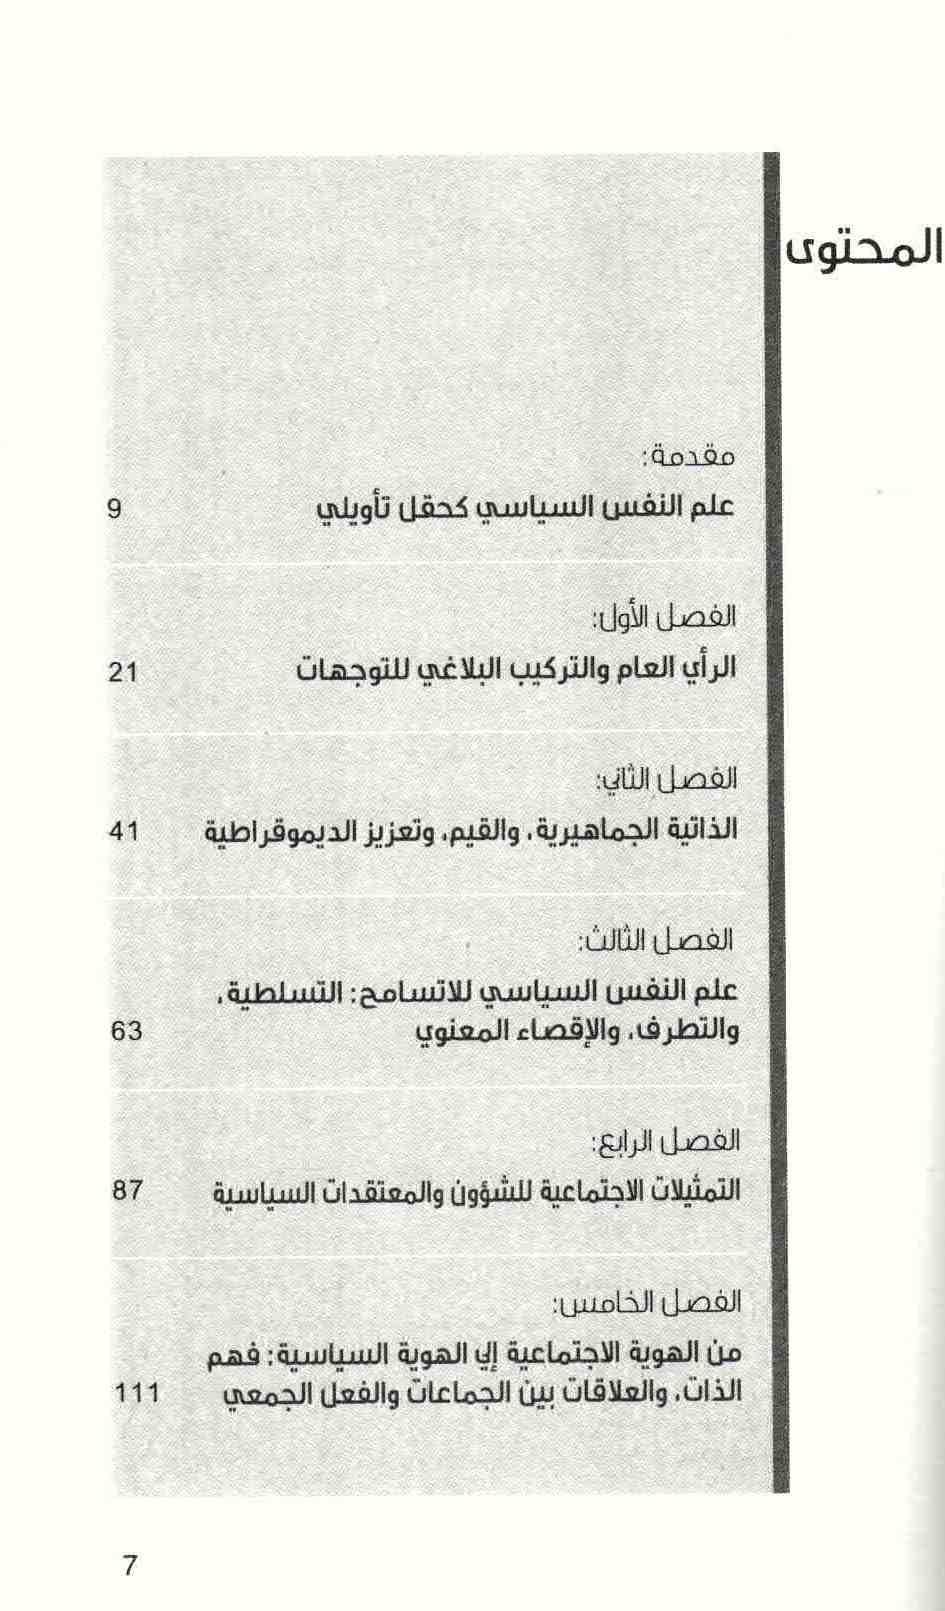 ص 7 محتويات كتاب علم النفس السياسي